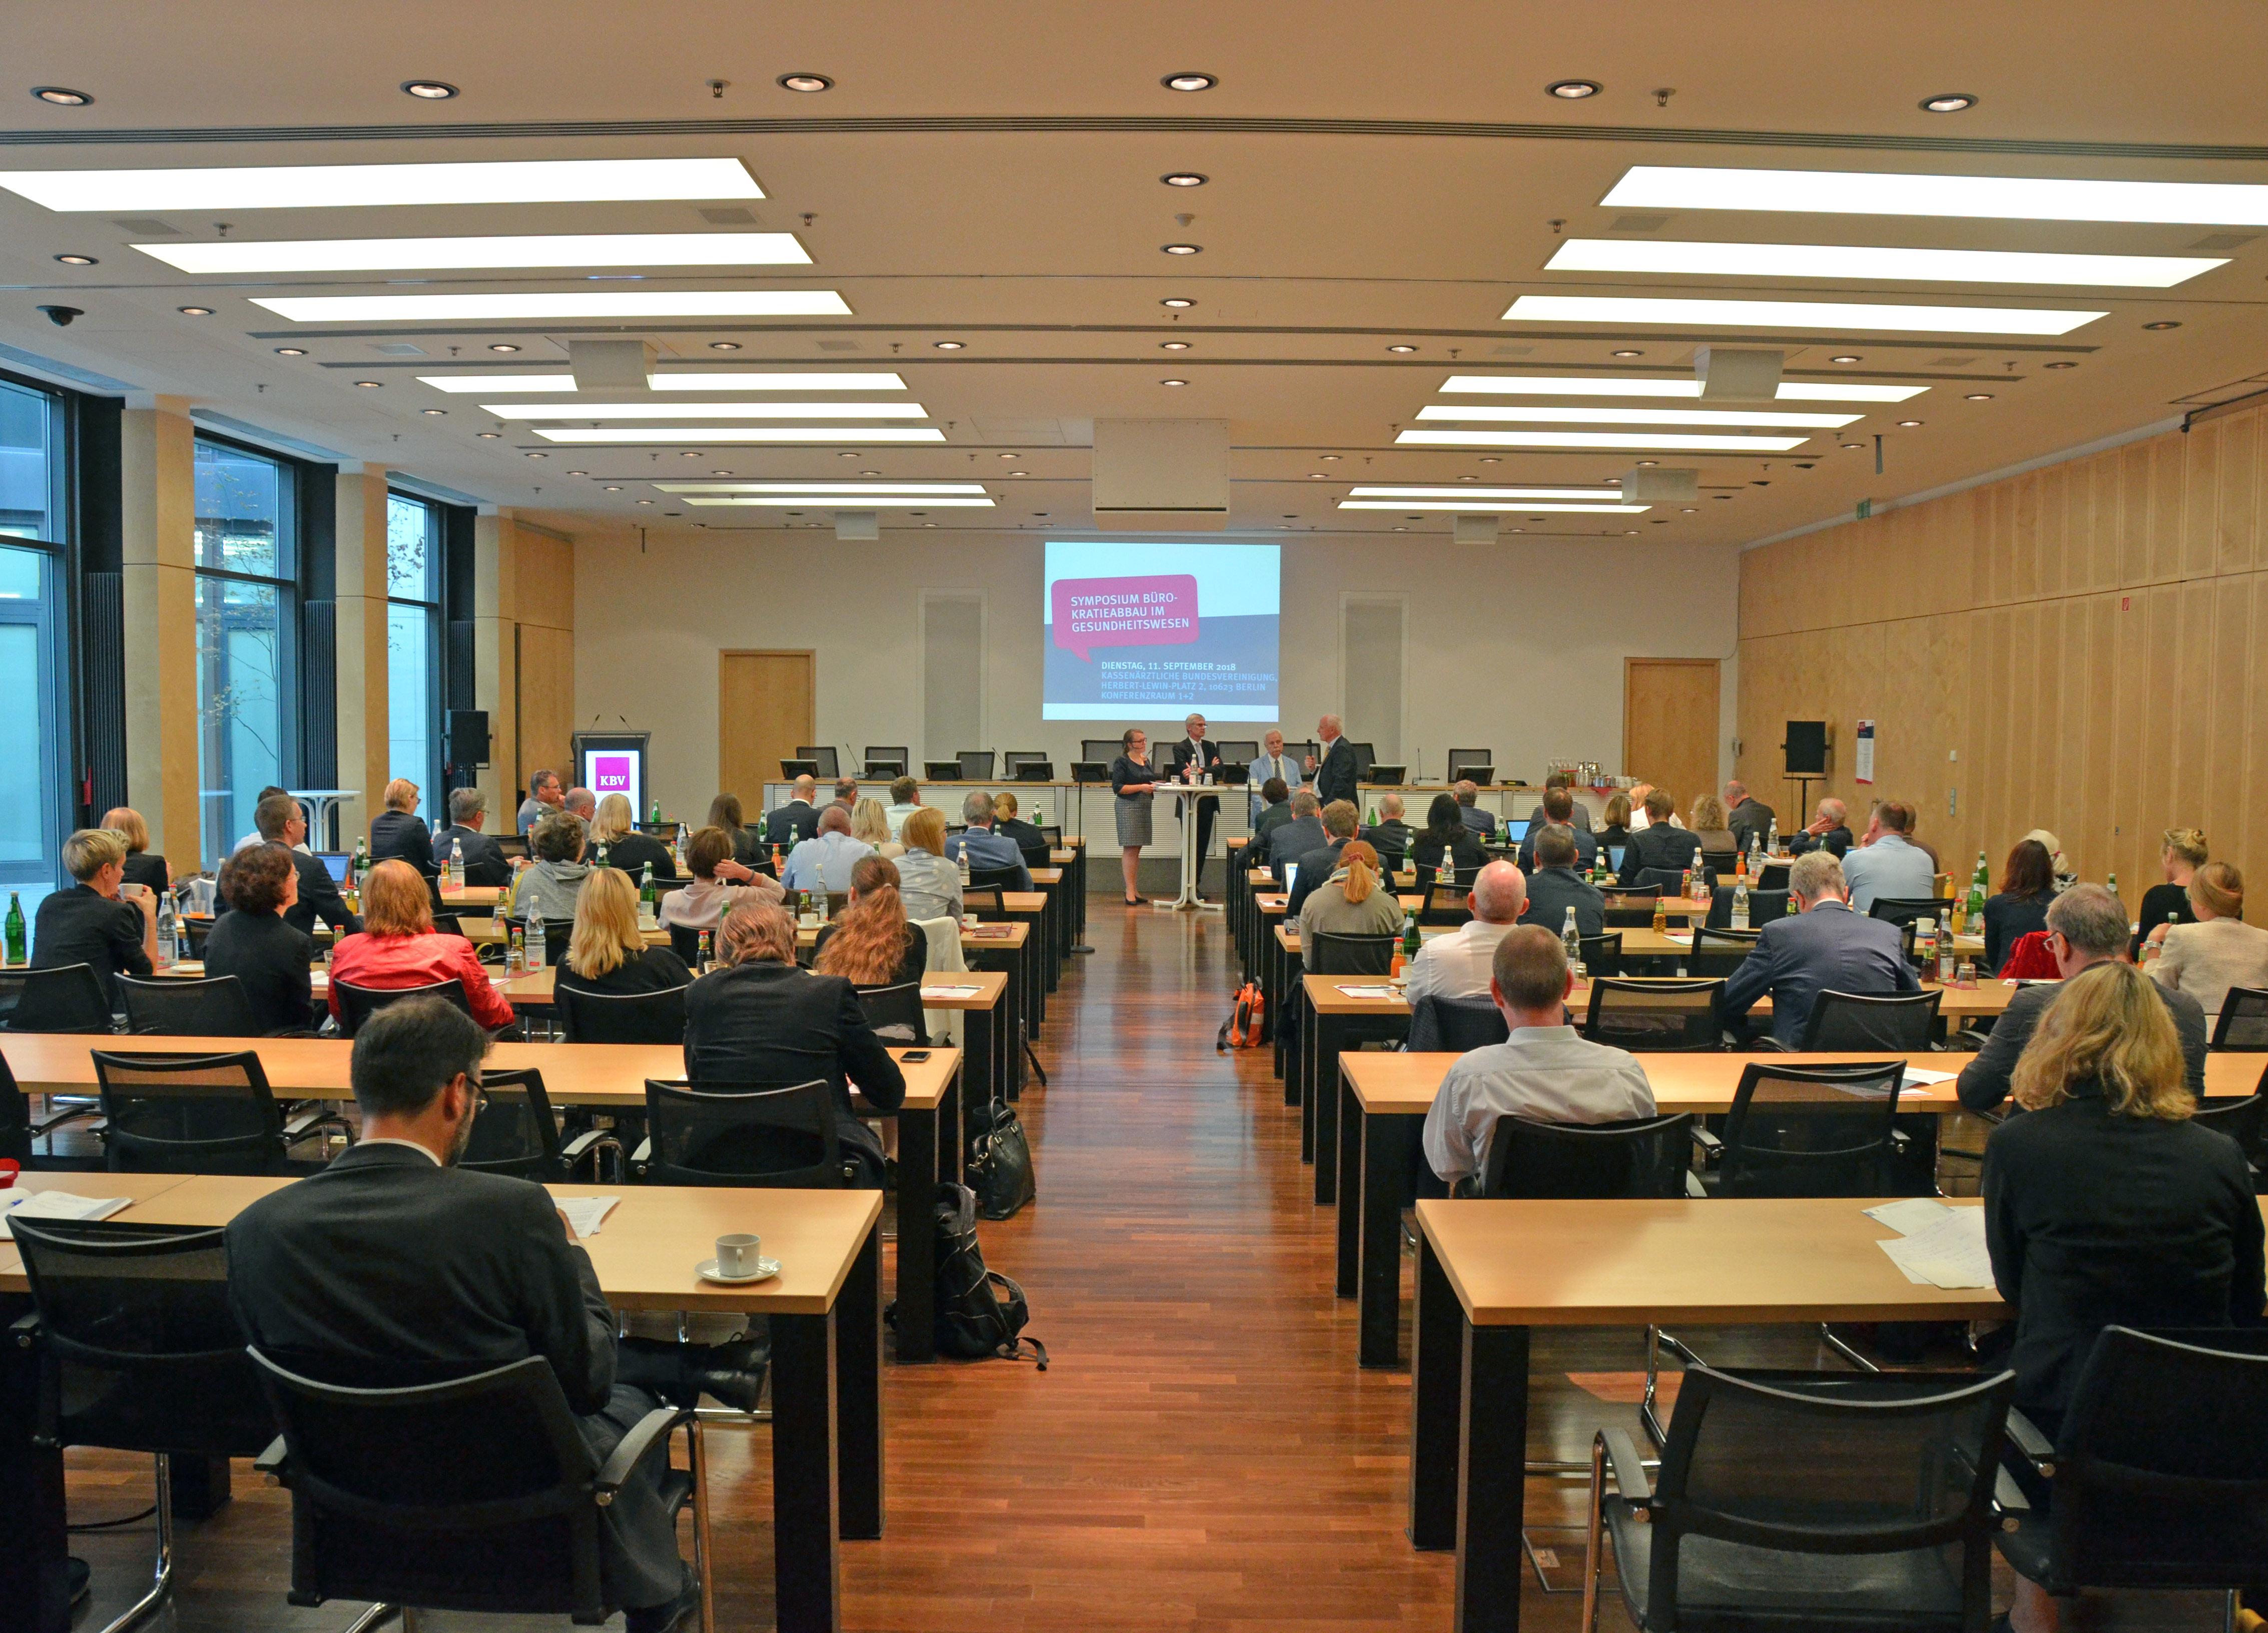 """Das Interesse am Thema """"Bürokratieabbau im Gesundheitssystem"""" war groß: Zum Symposium fanden sich in den Räumlichkeiten der KBV 180 Besucher ein."""